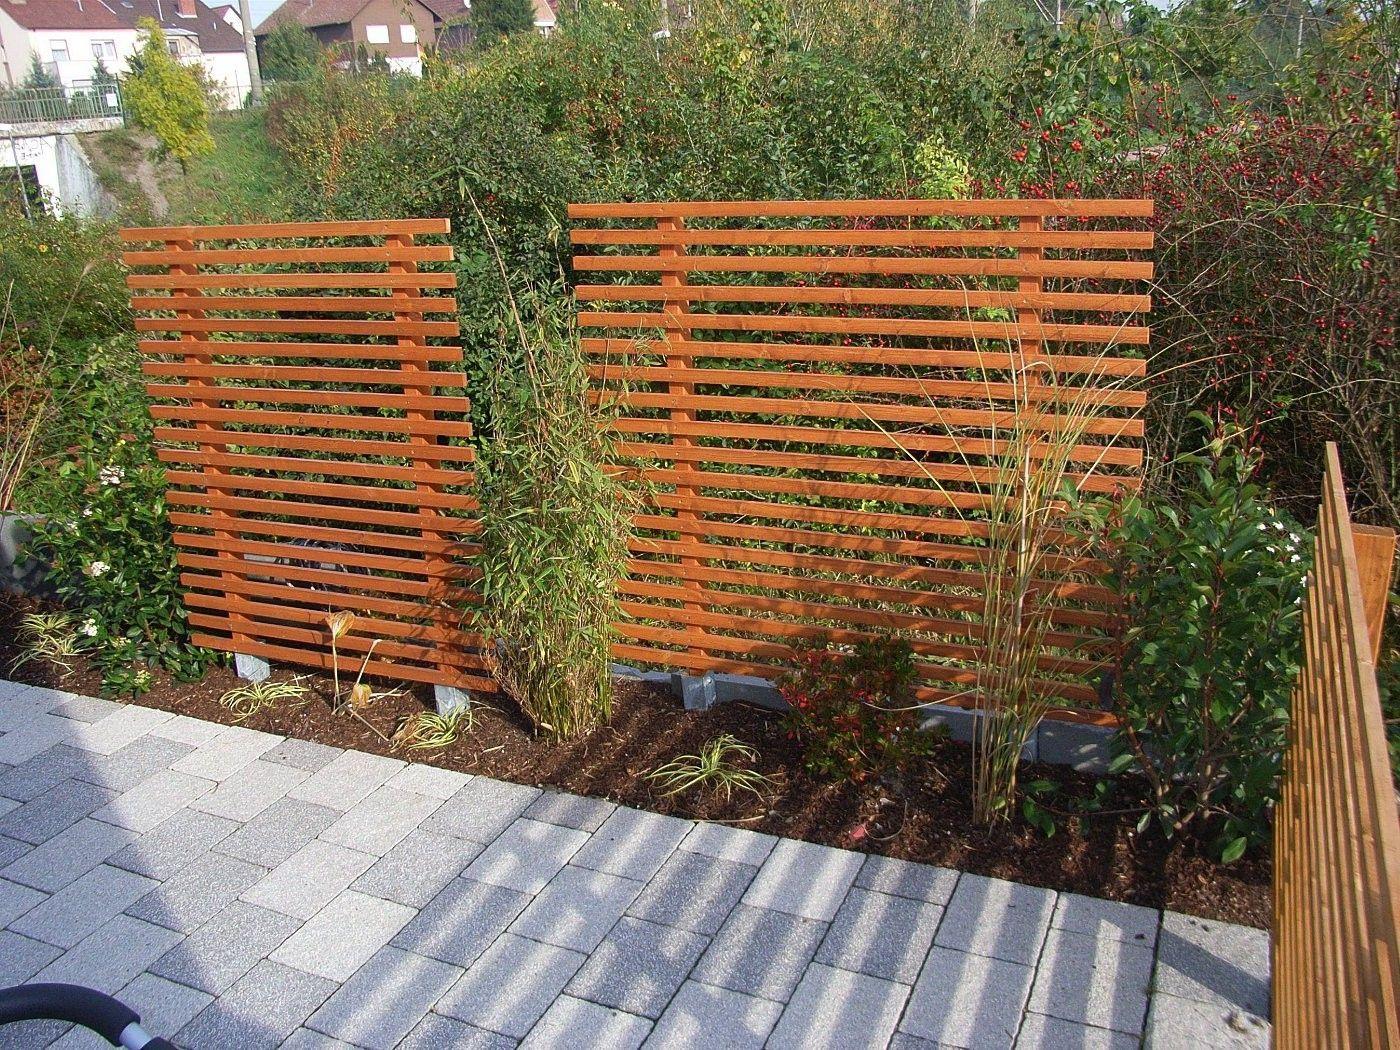 17 Sichtschutz Garten Holz Modern Sichtschutz Garten Holz Sichtschutz Garten Sichtschutz Garten Gunstig